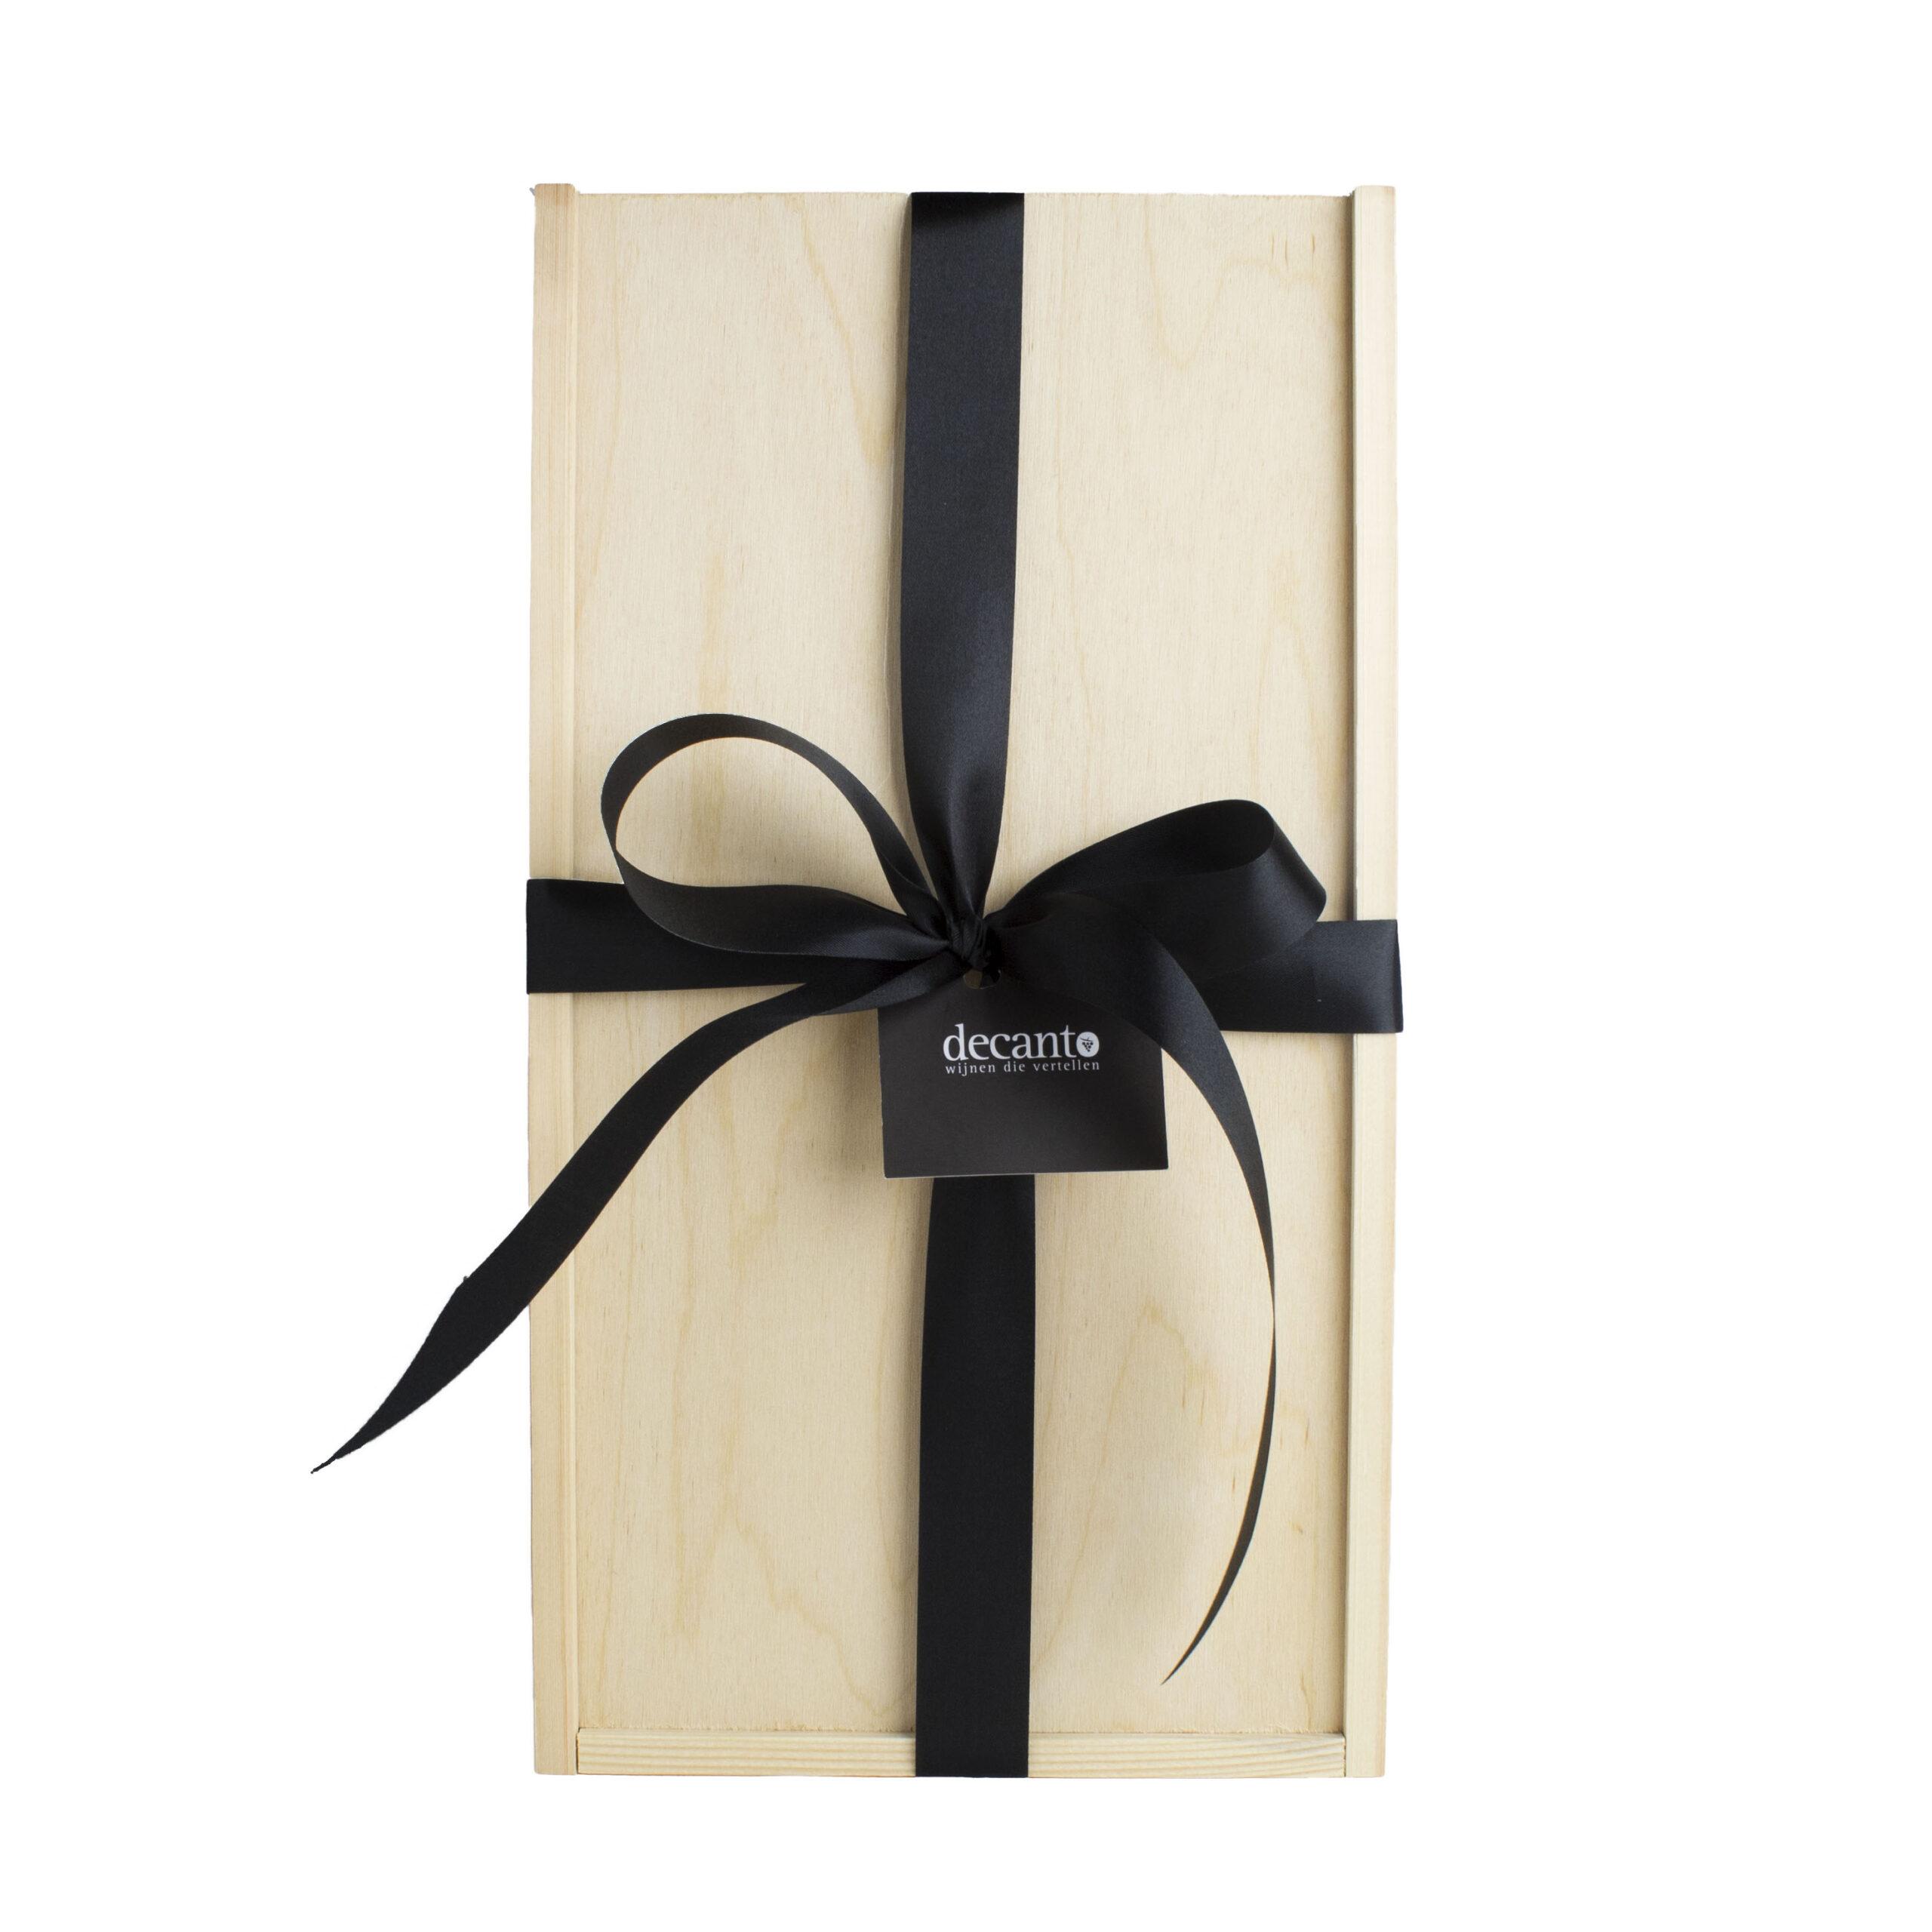 Stijlvolle houten wijnkist - geschenkverpakking voor 2 flessen